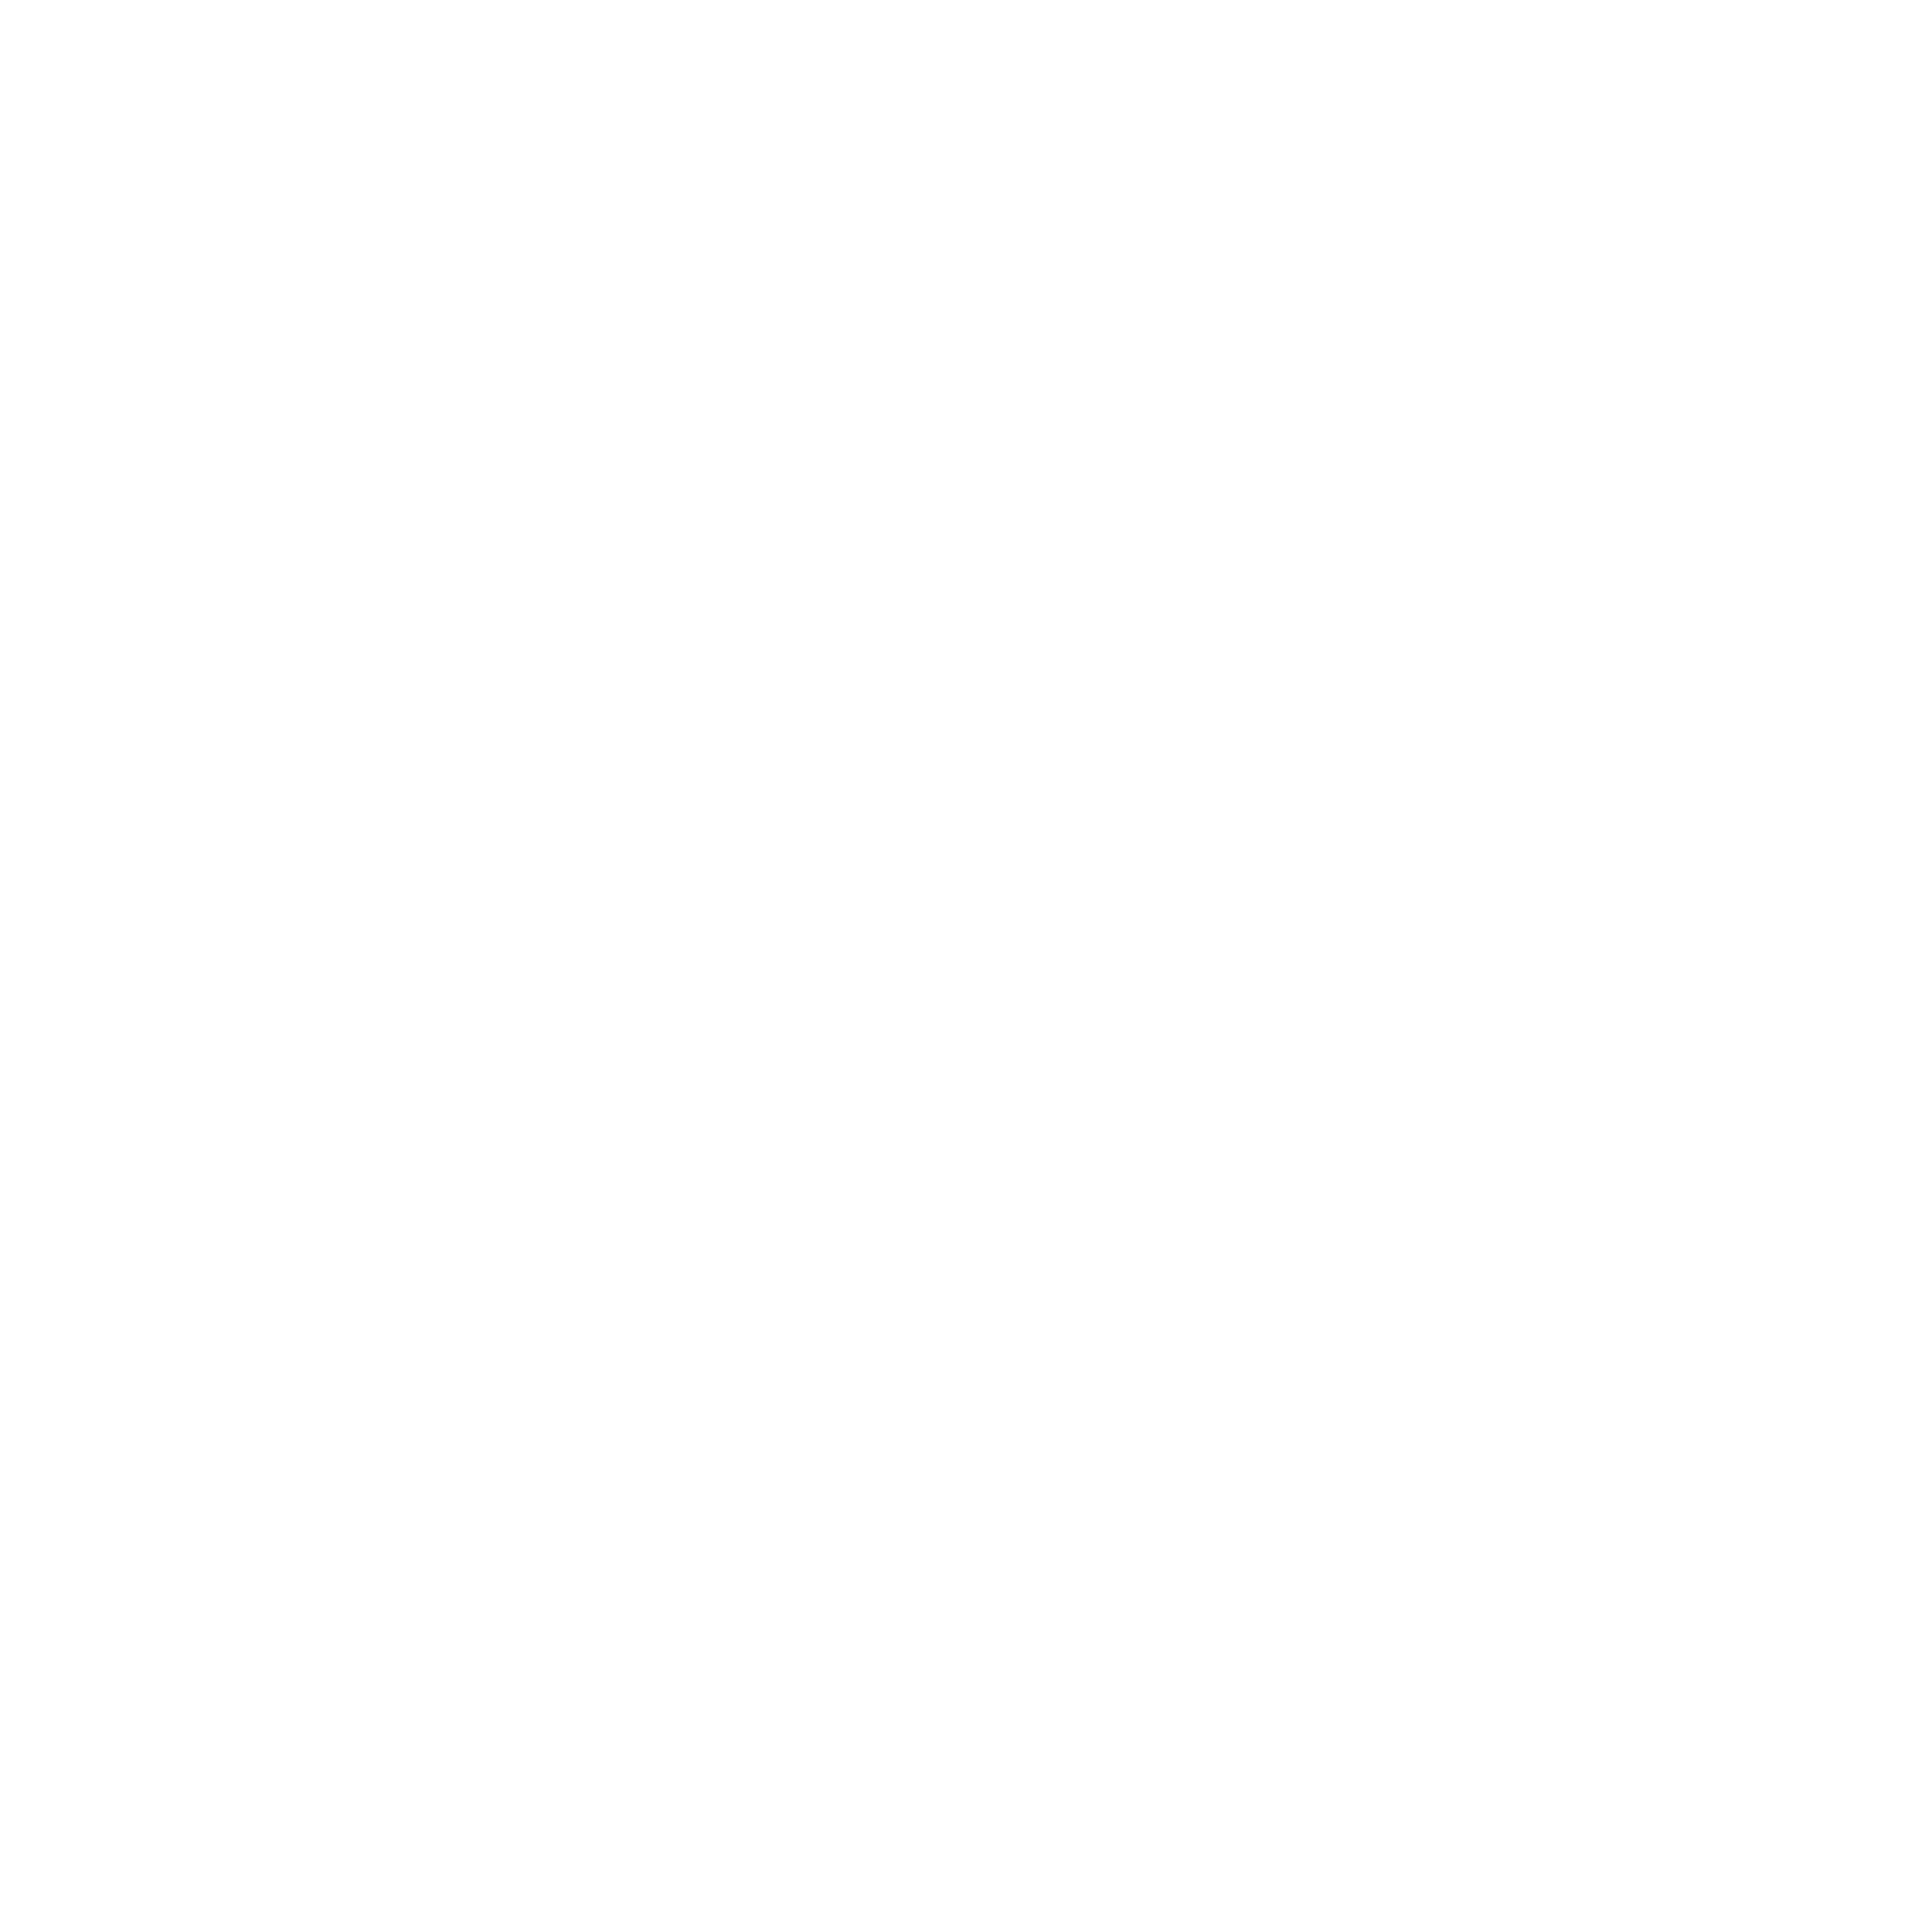 location.